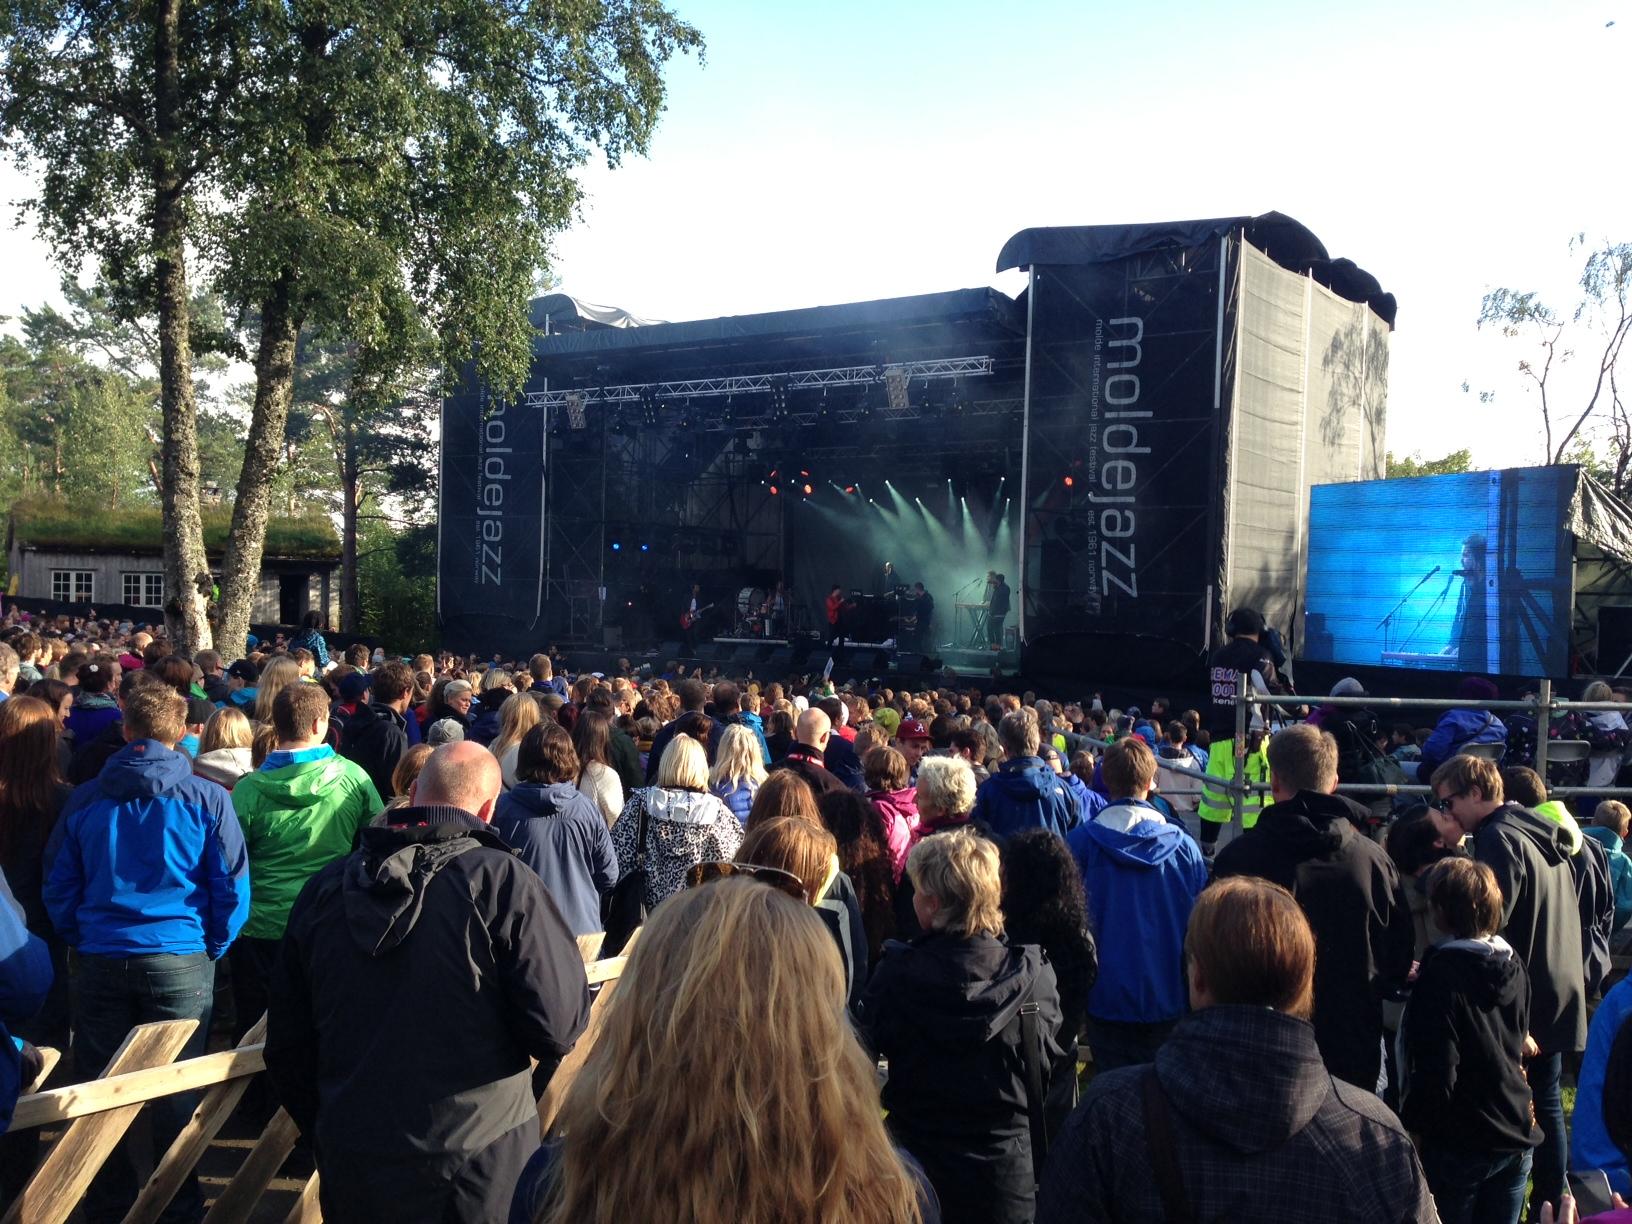 Stor stemning og 6000 gjester på Moldejazzkonserten på Romsdalsmuseet. Det er minst 2000 for lite. I kveld er det en ny sjanse.